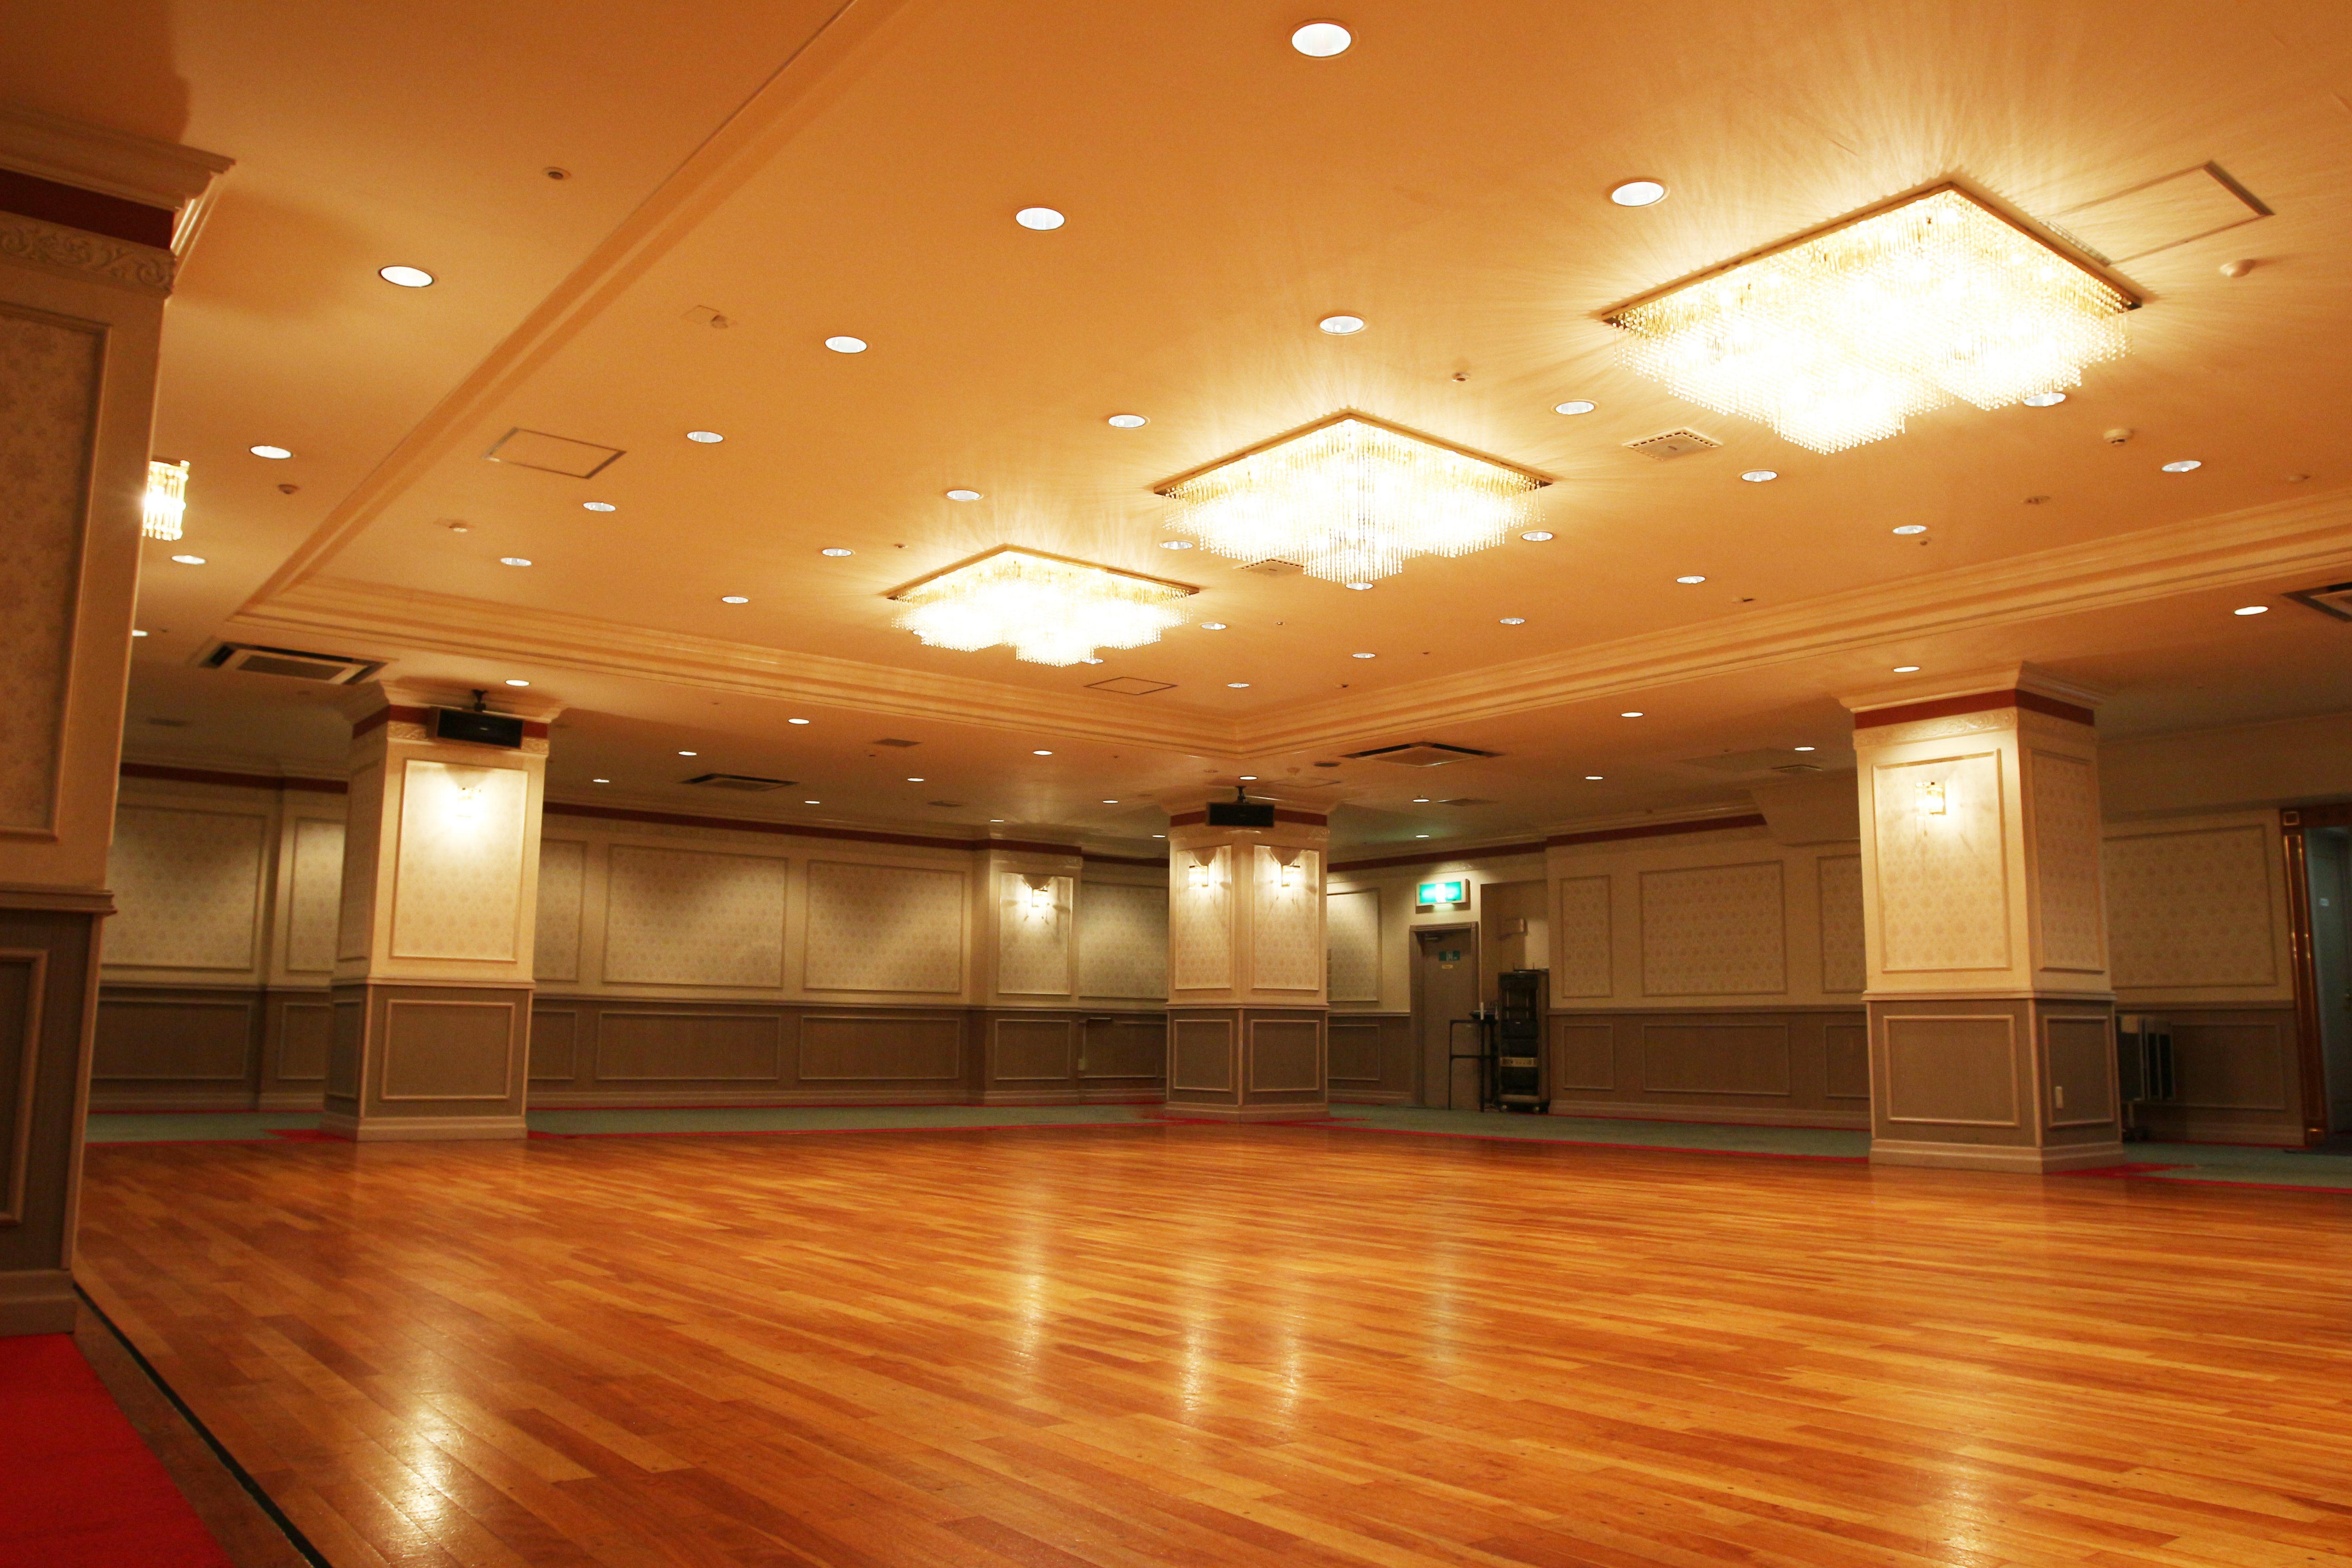 アカデミーホール コロナ対策相談所、給付金会場で。の室内の写真